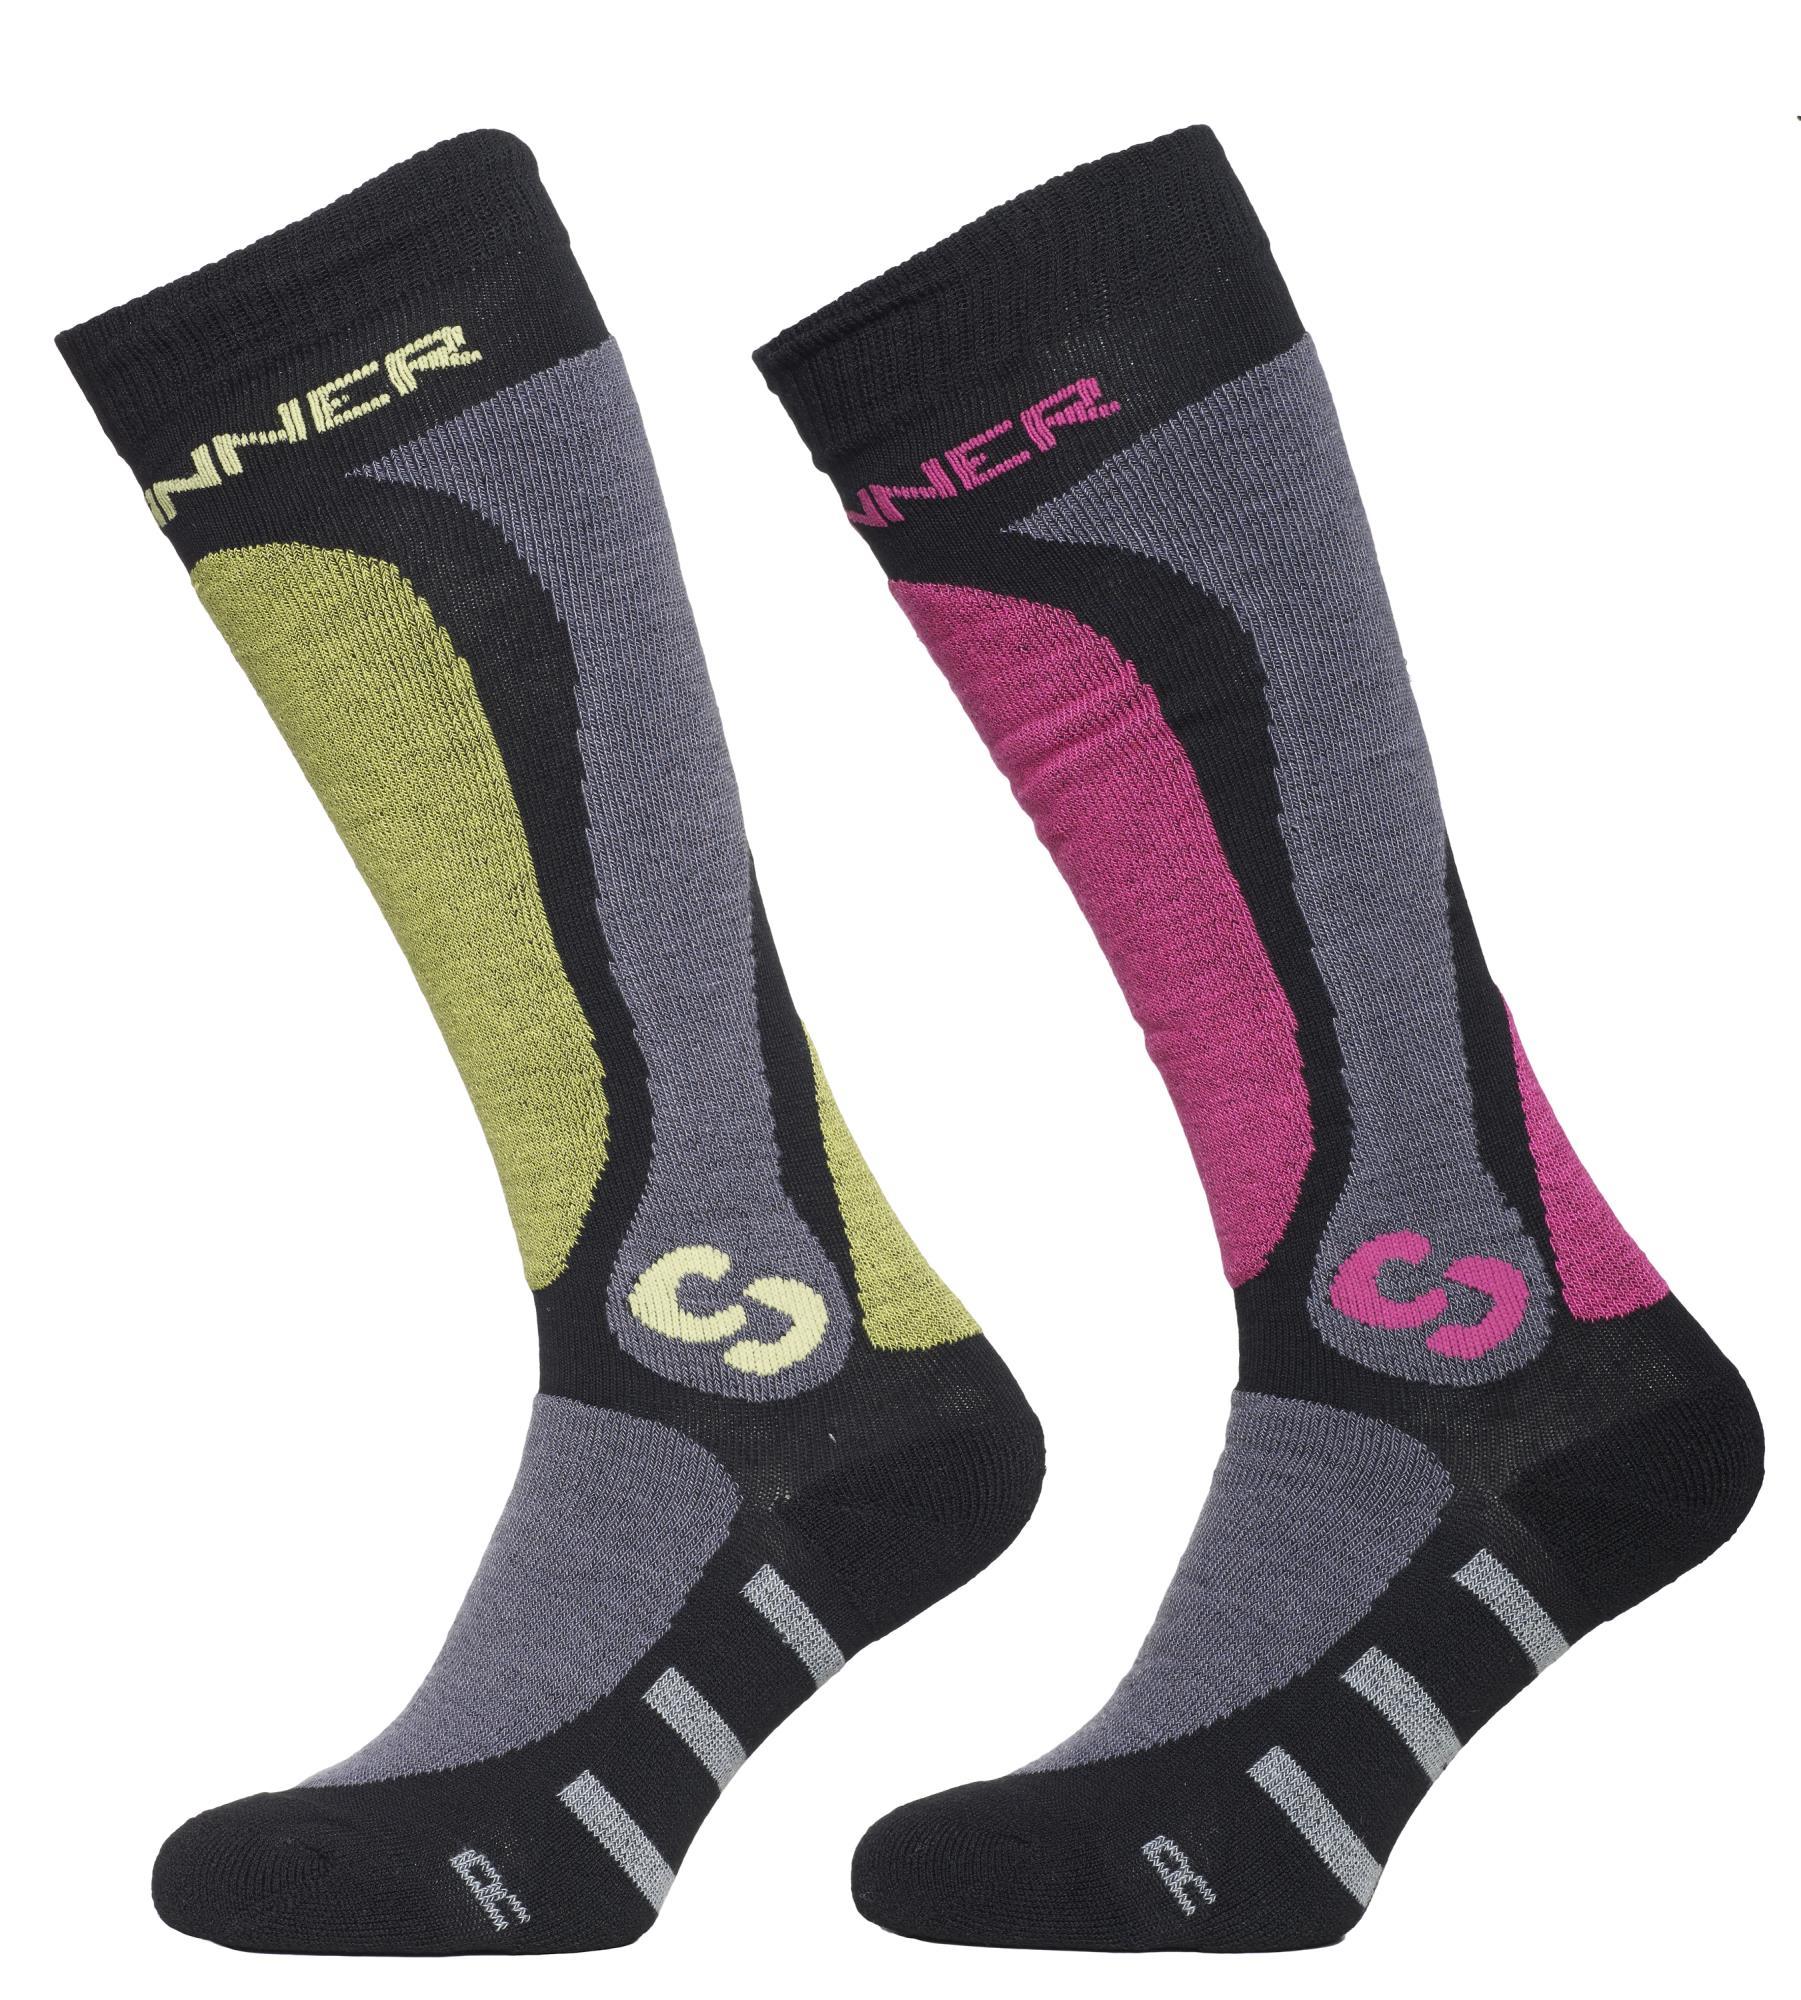 Sinner Skisokken Pro Socks Unisex - Groen Roze - 39-41